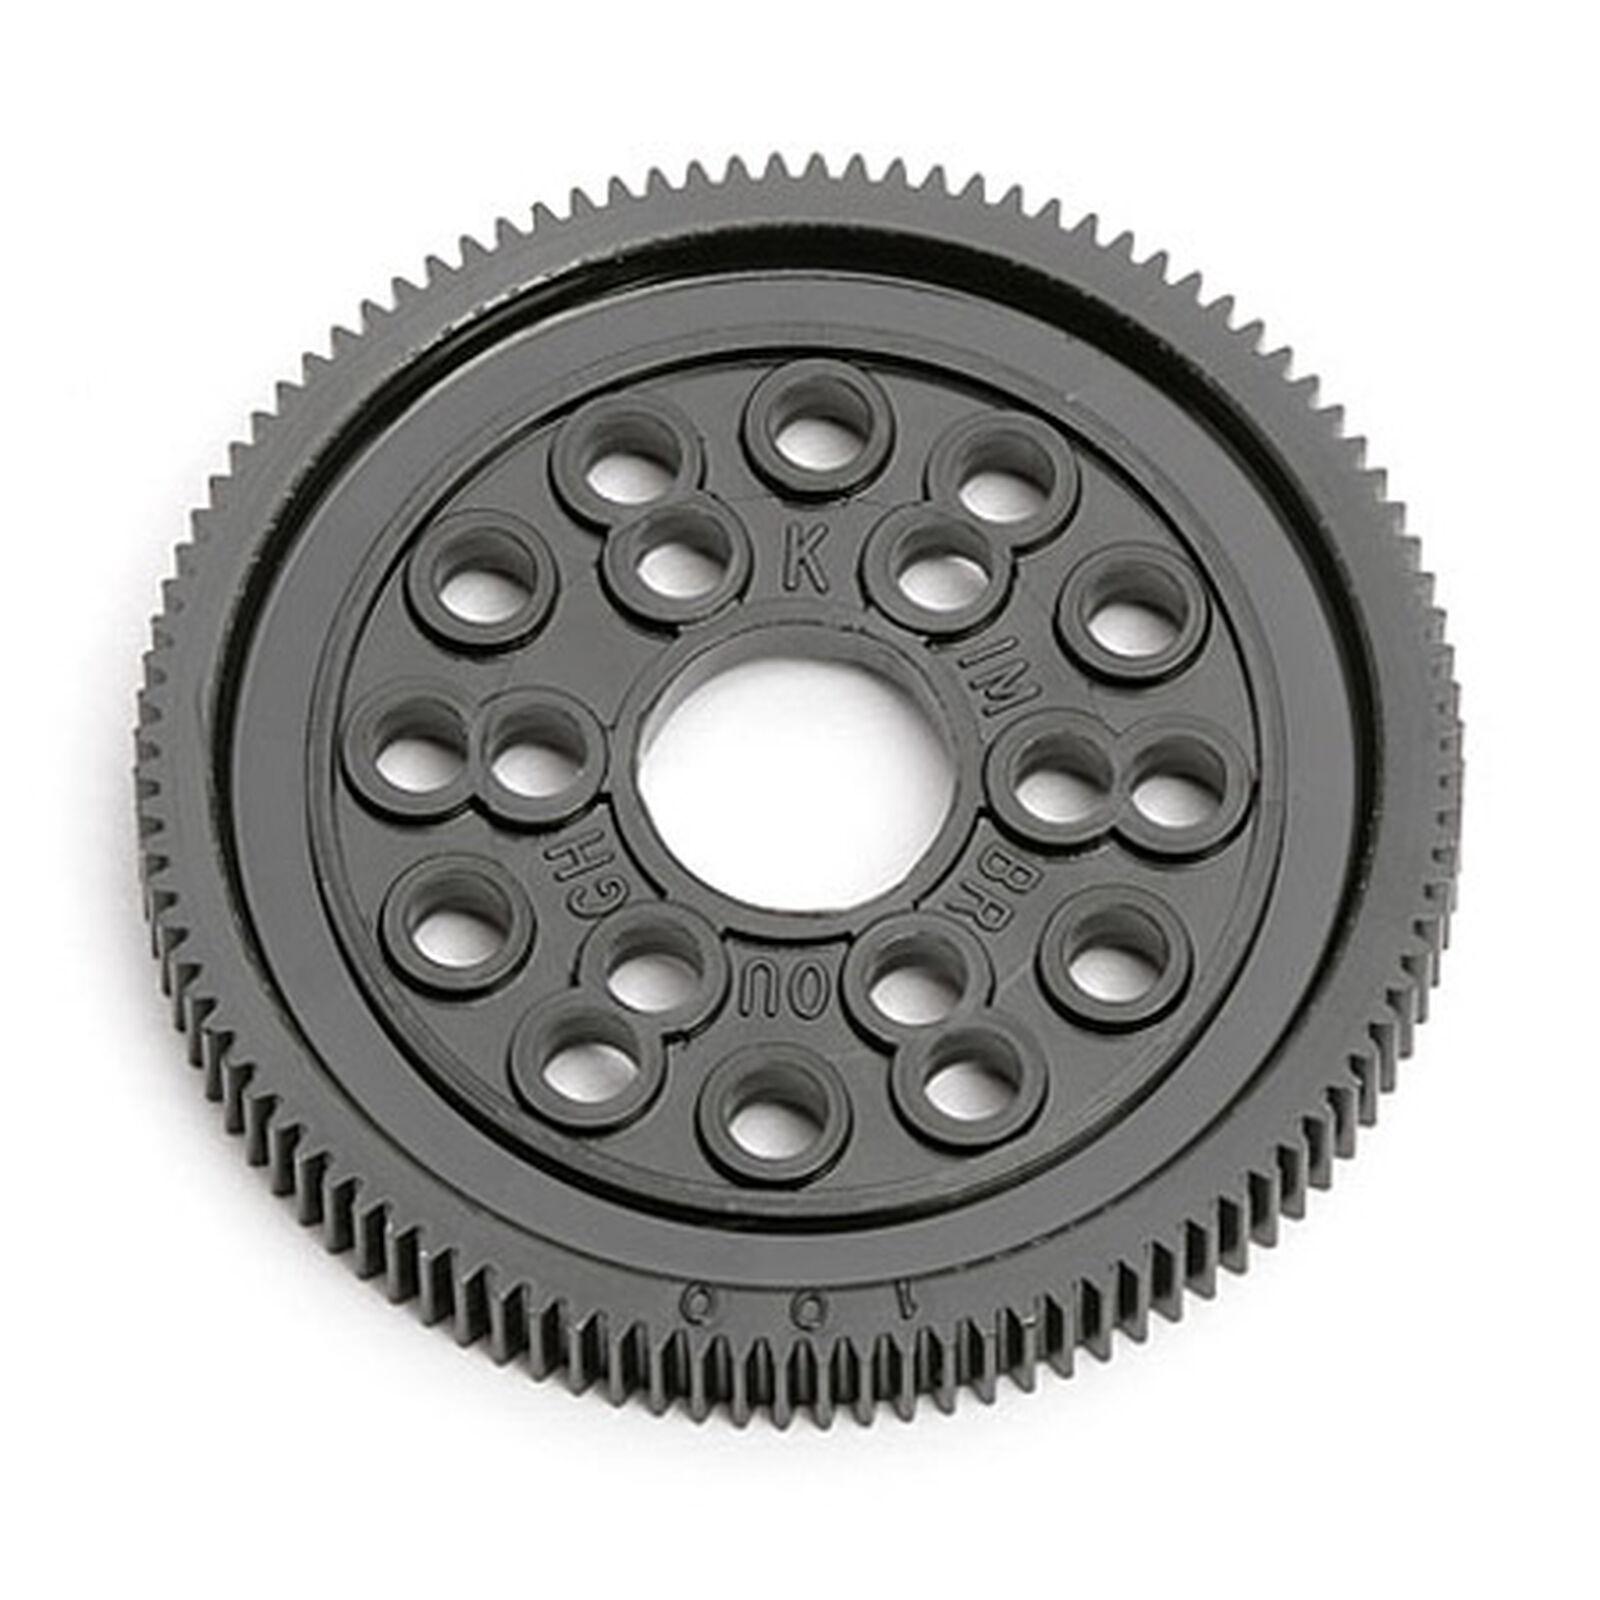 64P Spur Gear, 100T: 12L4